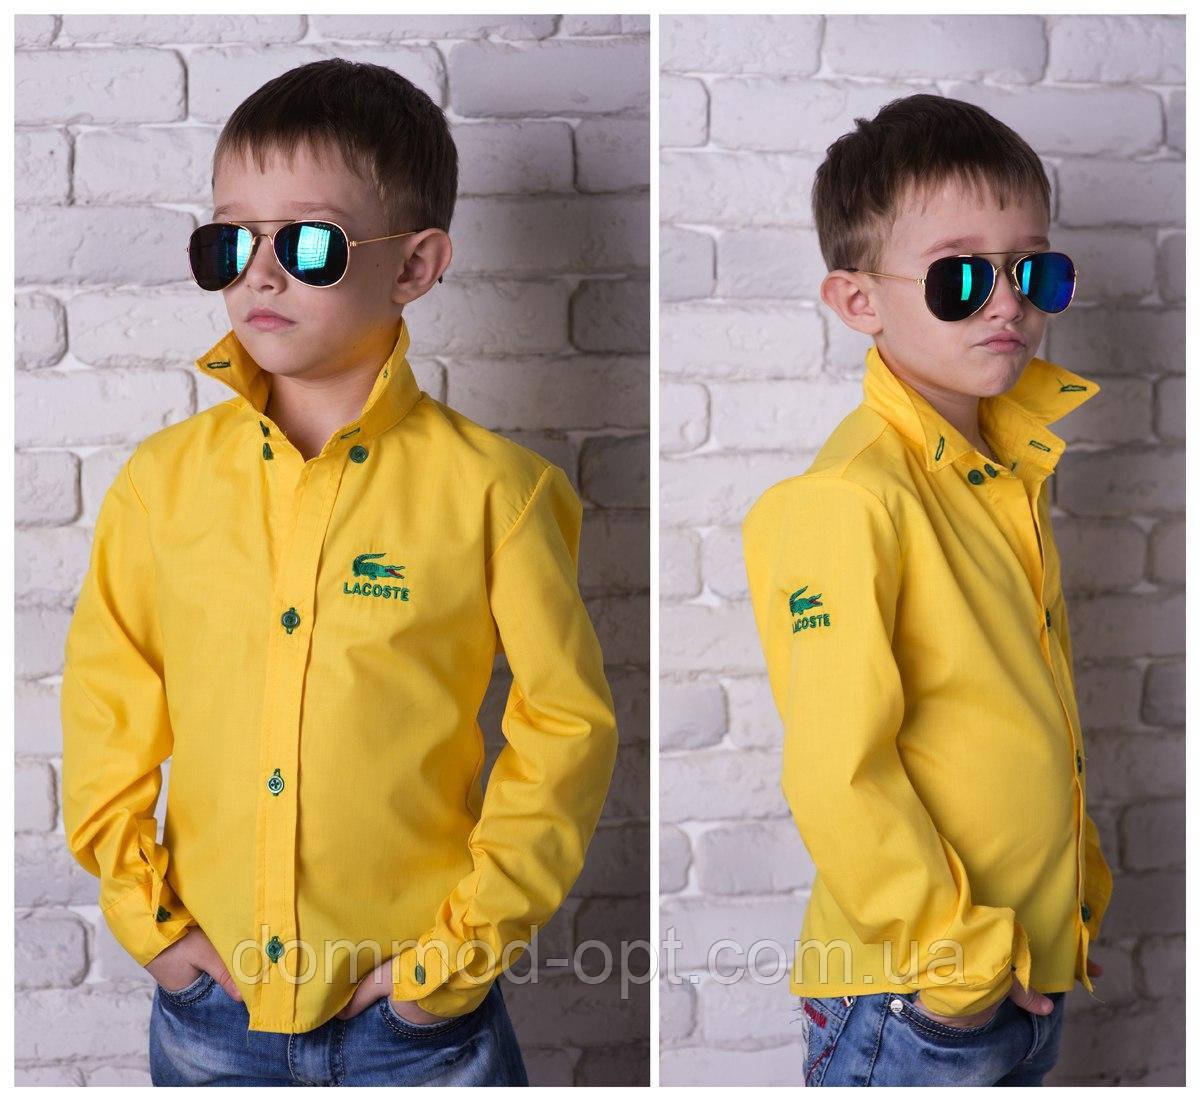 b6b7649db9d Детская стильная рубашка